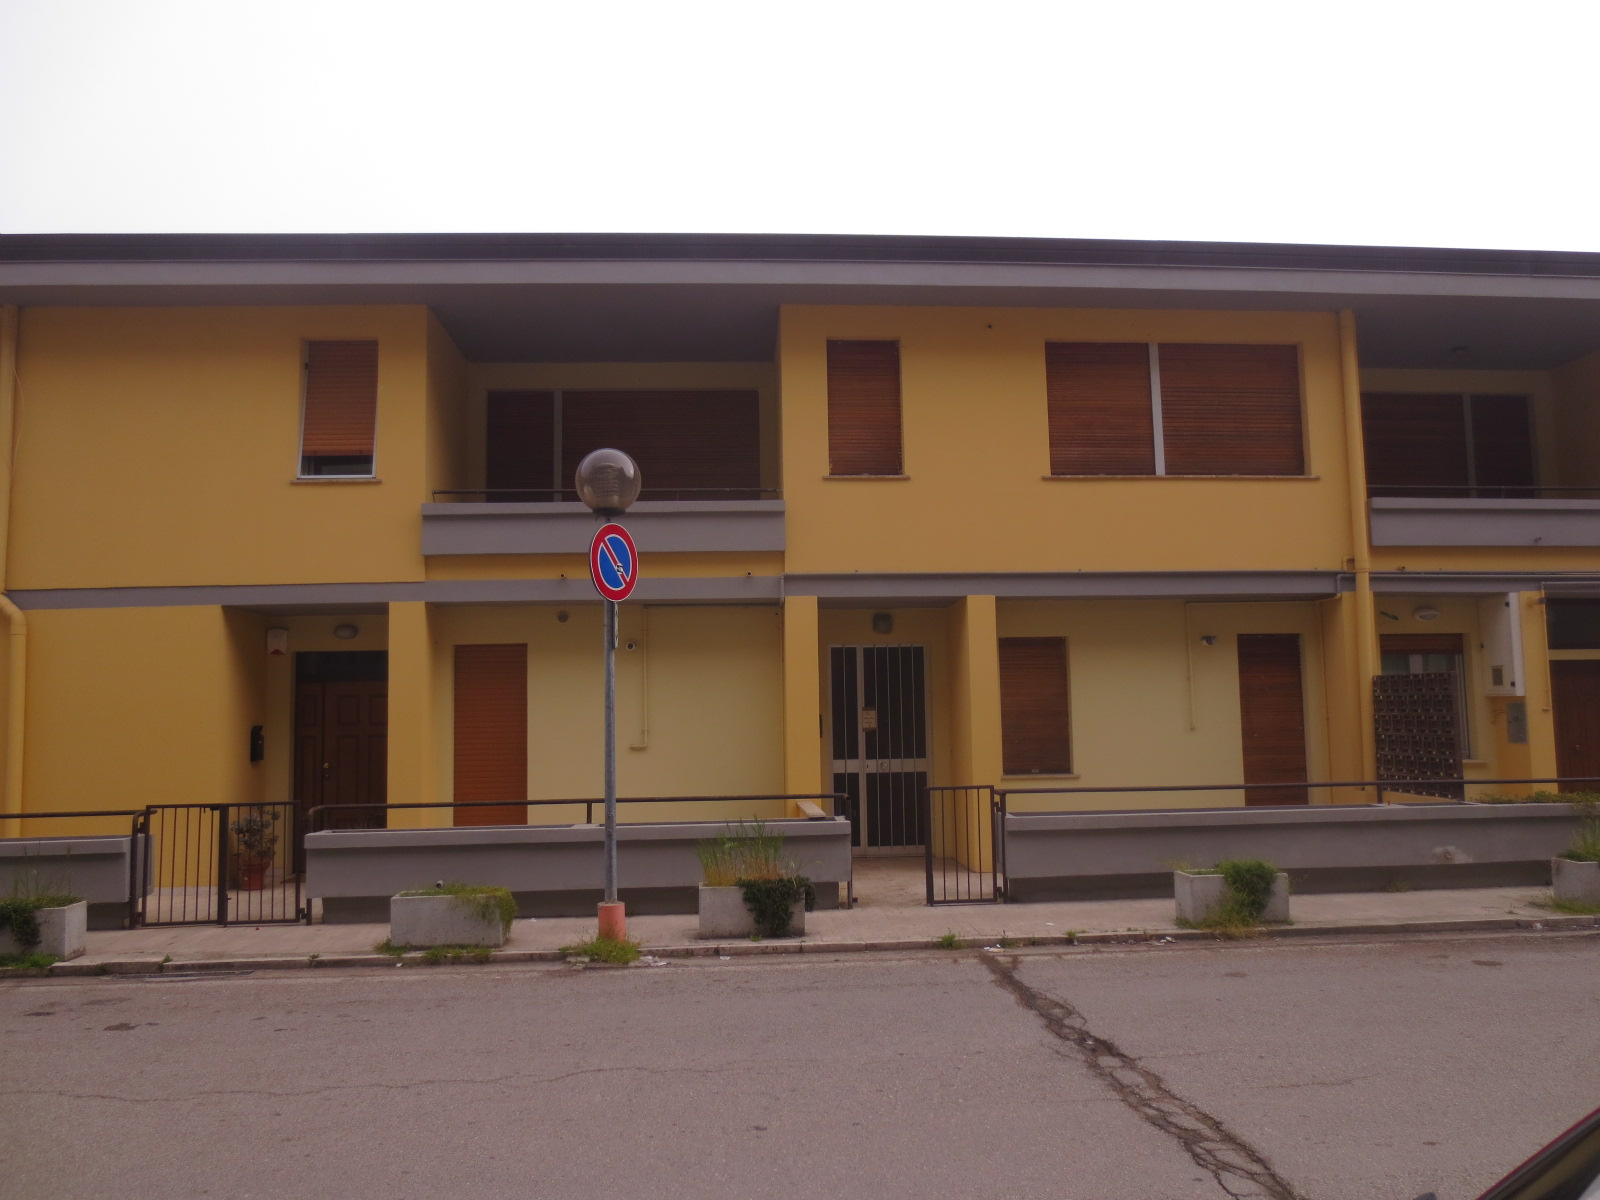 Appartamento in vendita a Folignano, 5 locali, zona Località: VillaPigna, prezzo € 155.000 | PortaleAgenzieImmobiliari.it